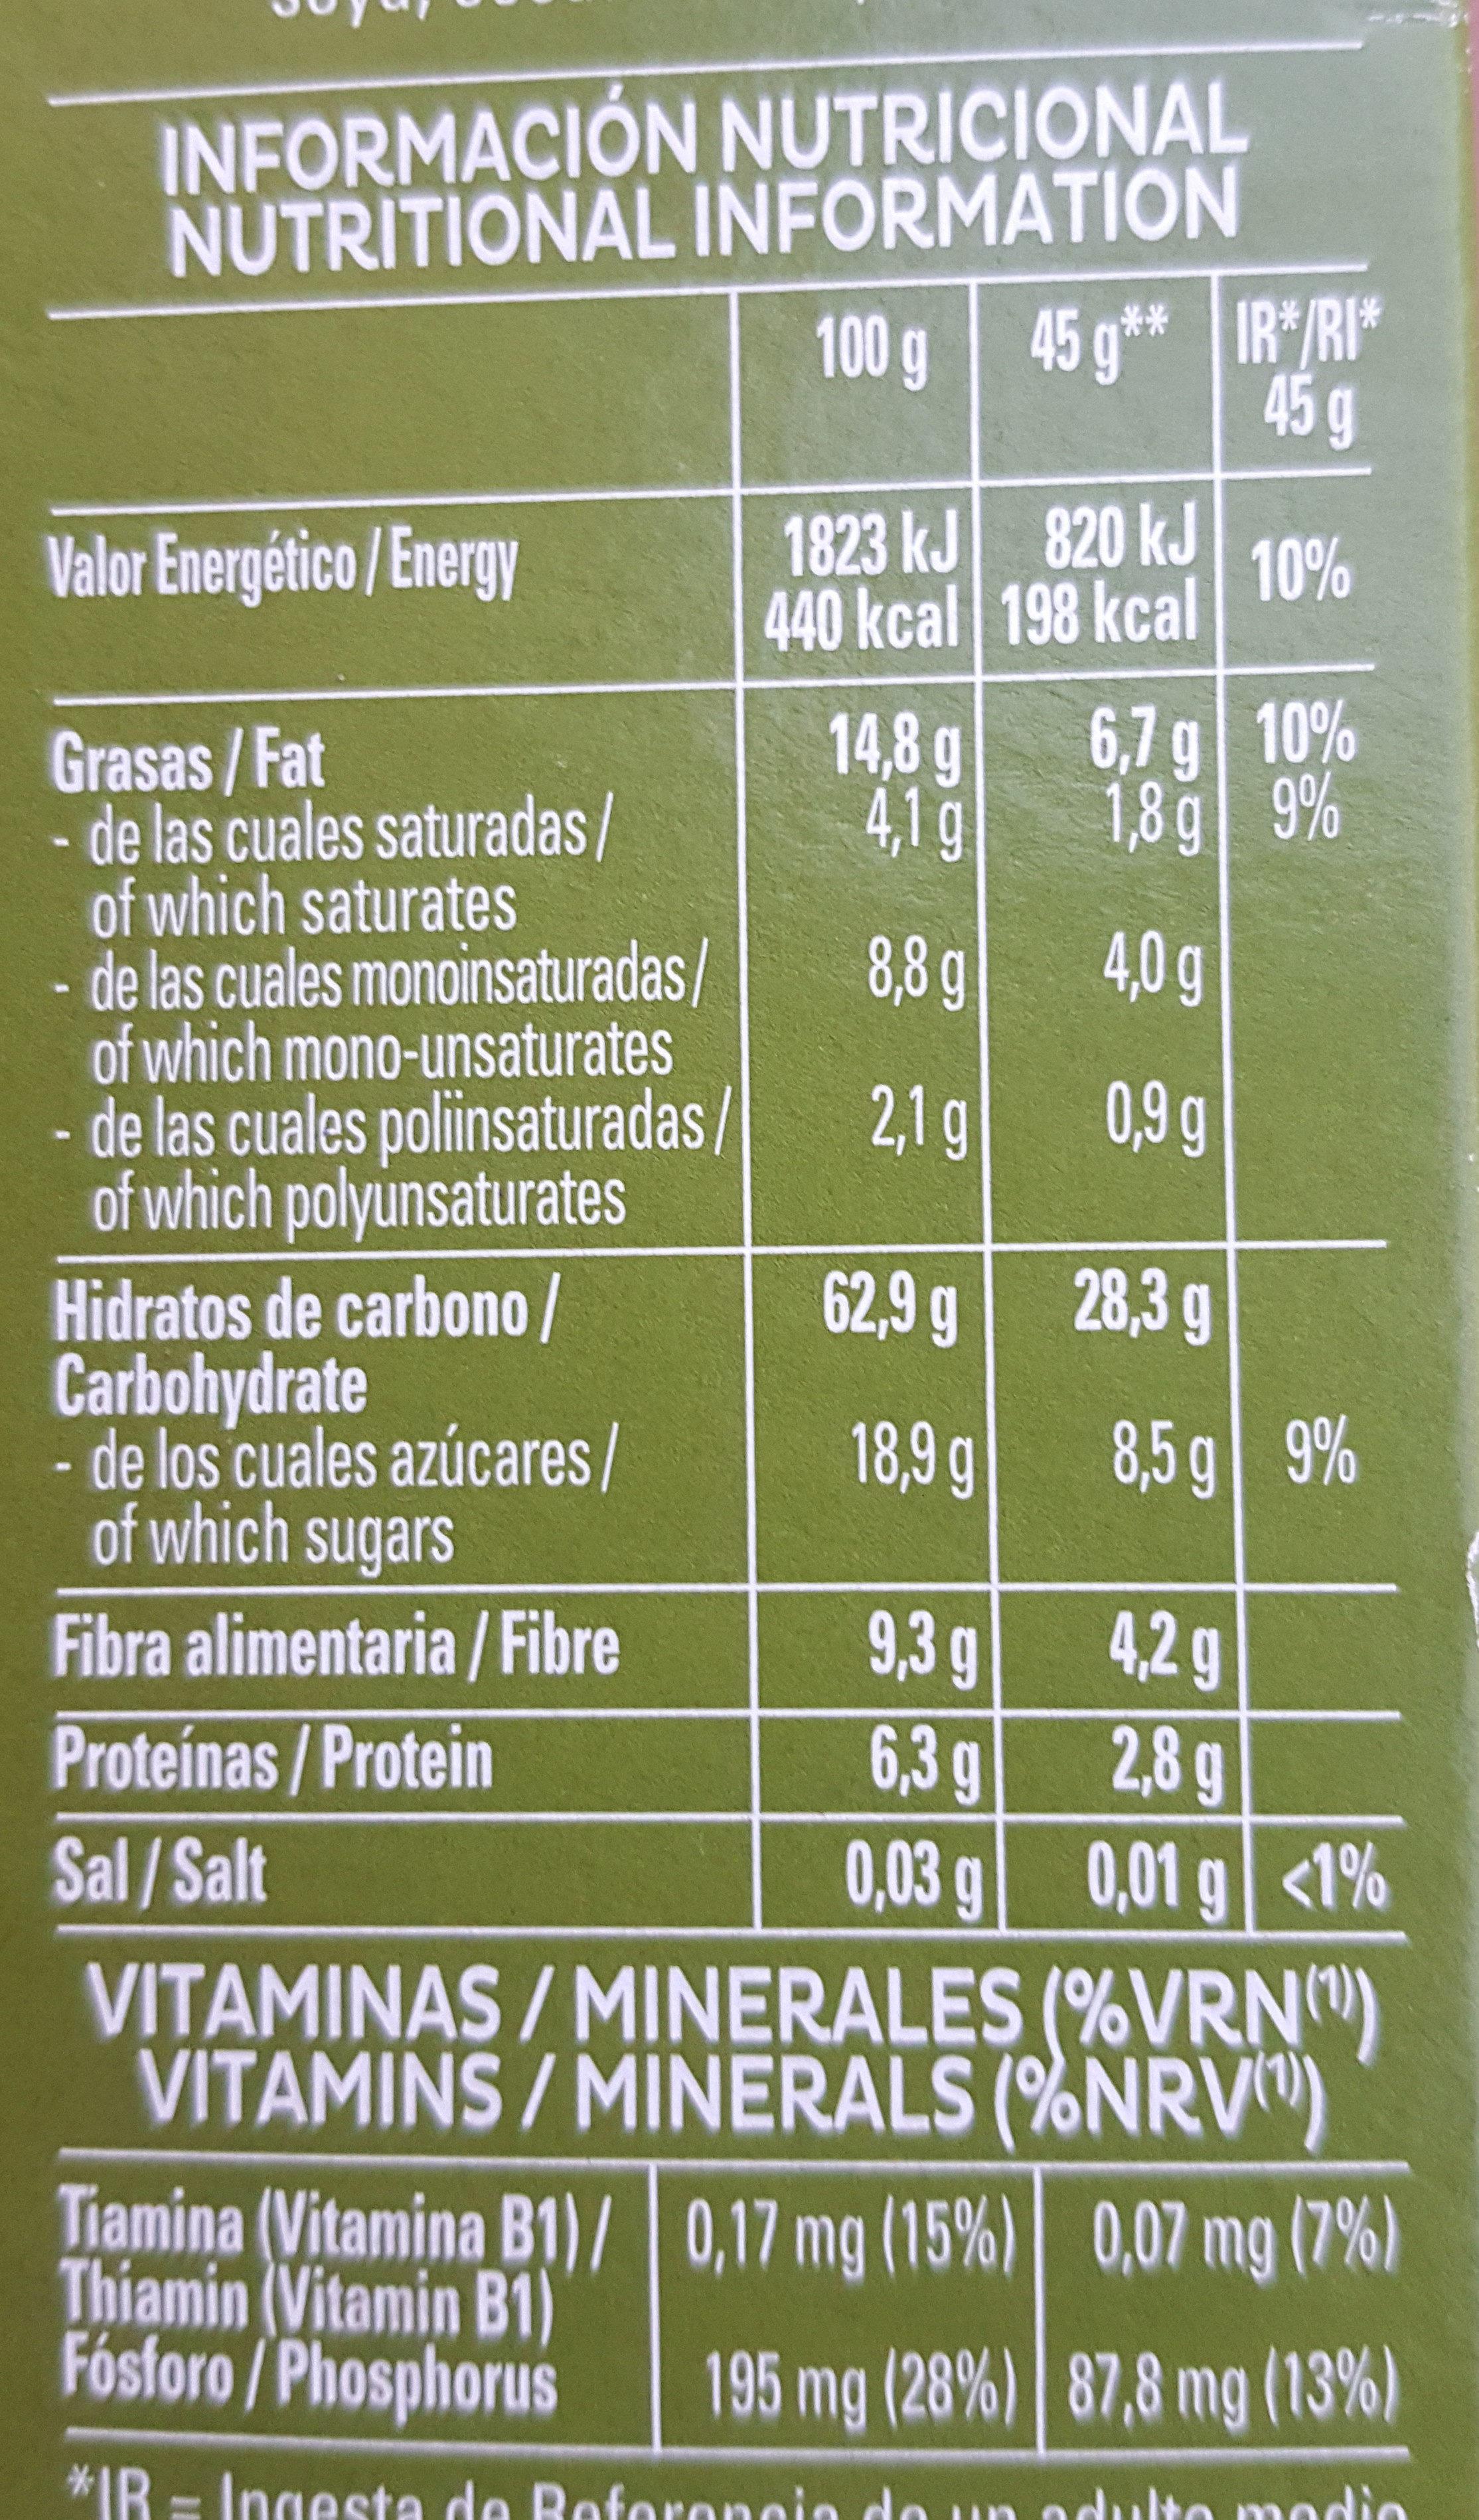 Cruesli Fruta - Información nutricional